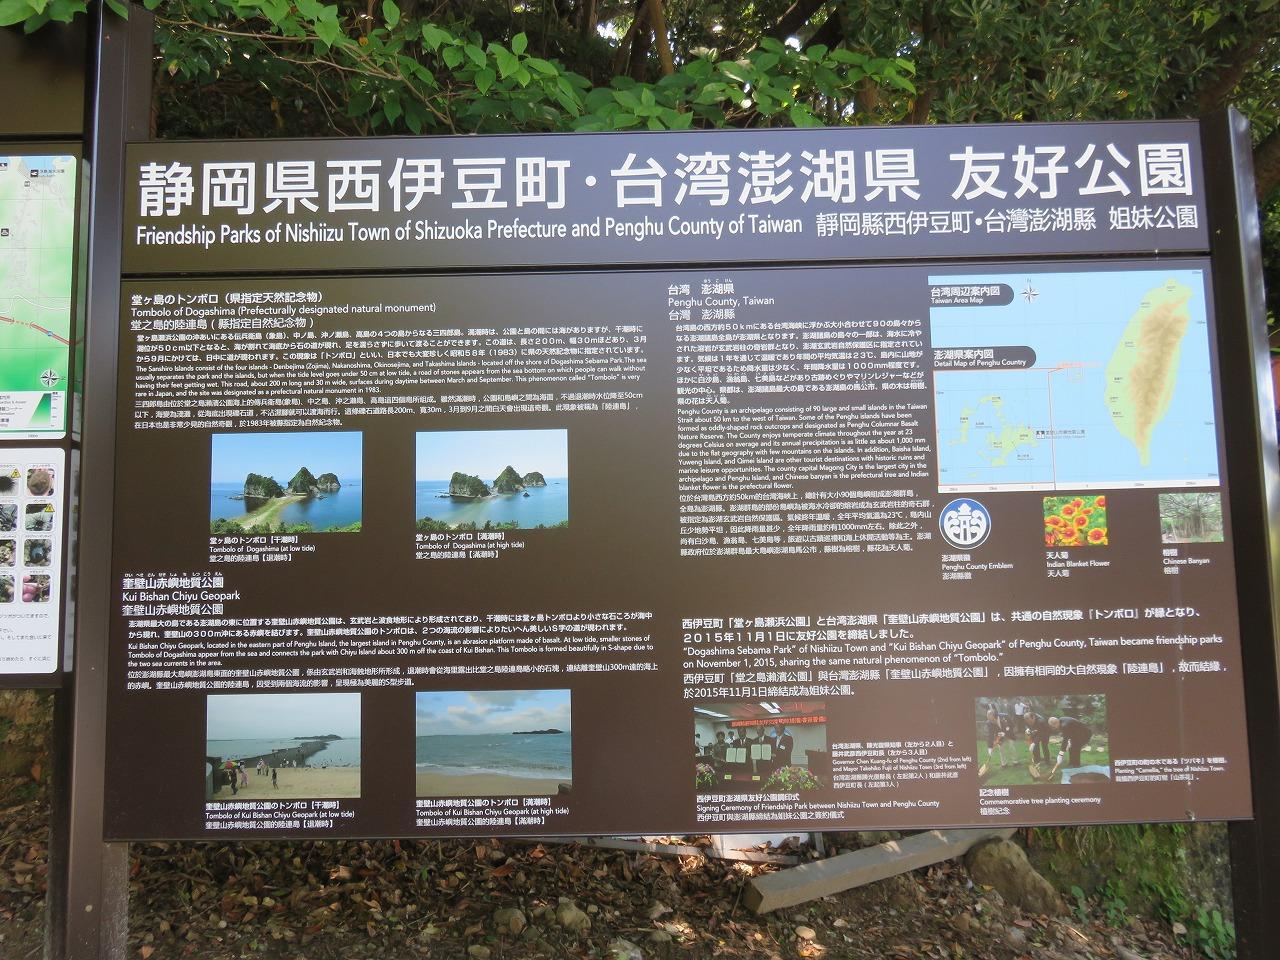 台湾と姉妹公園